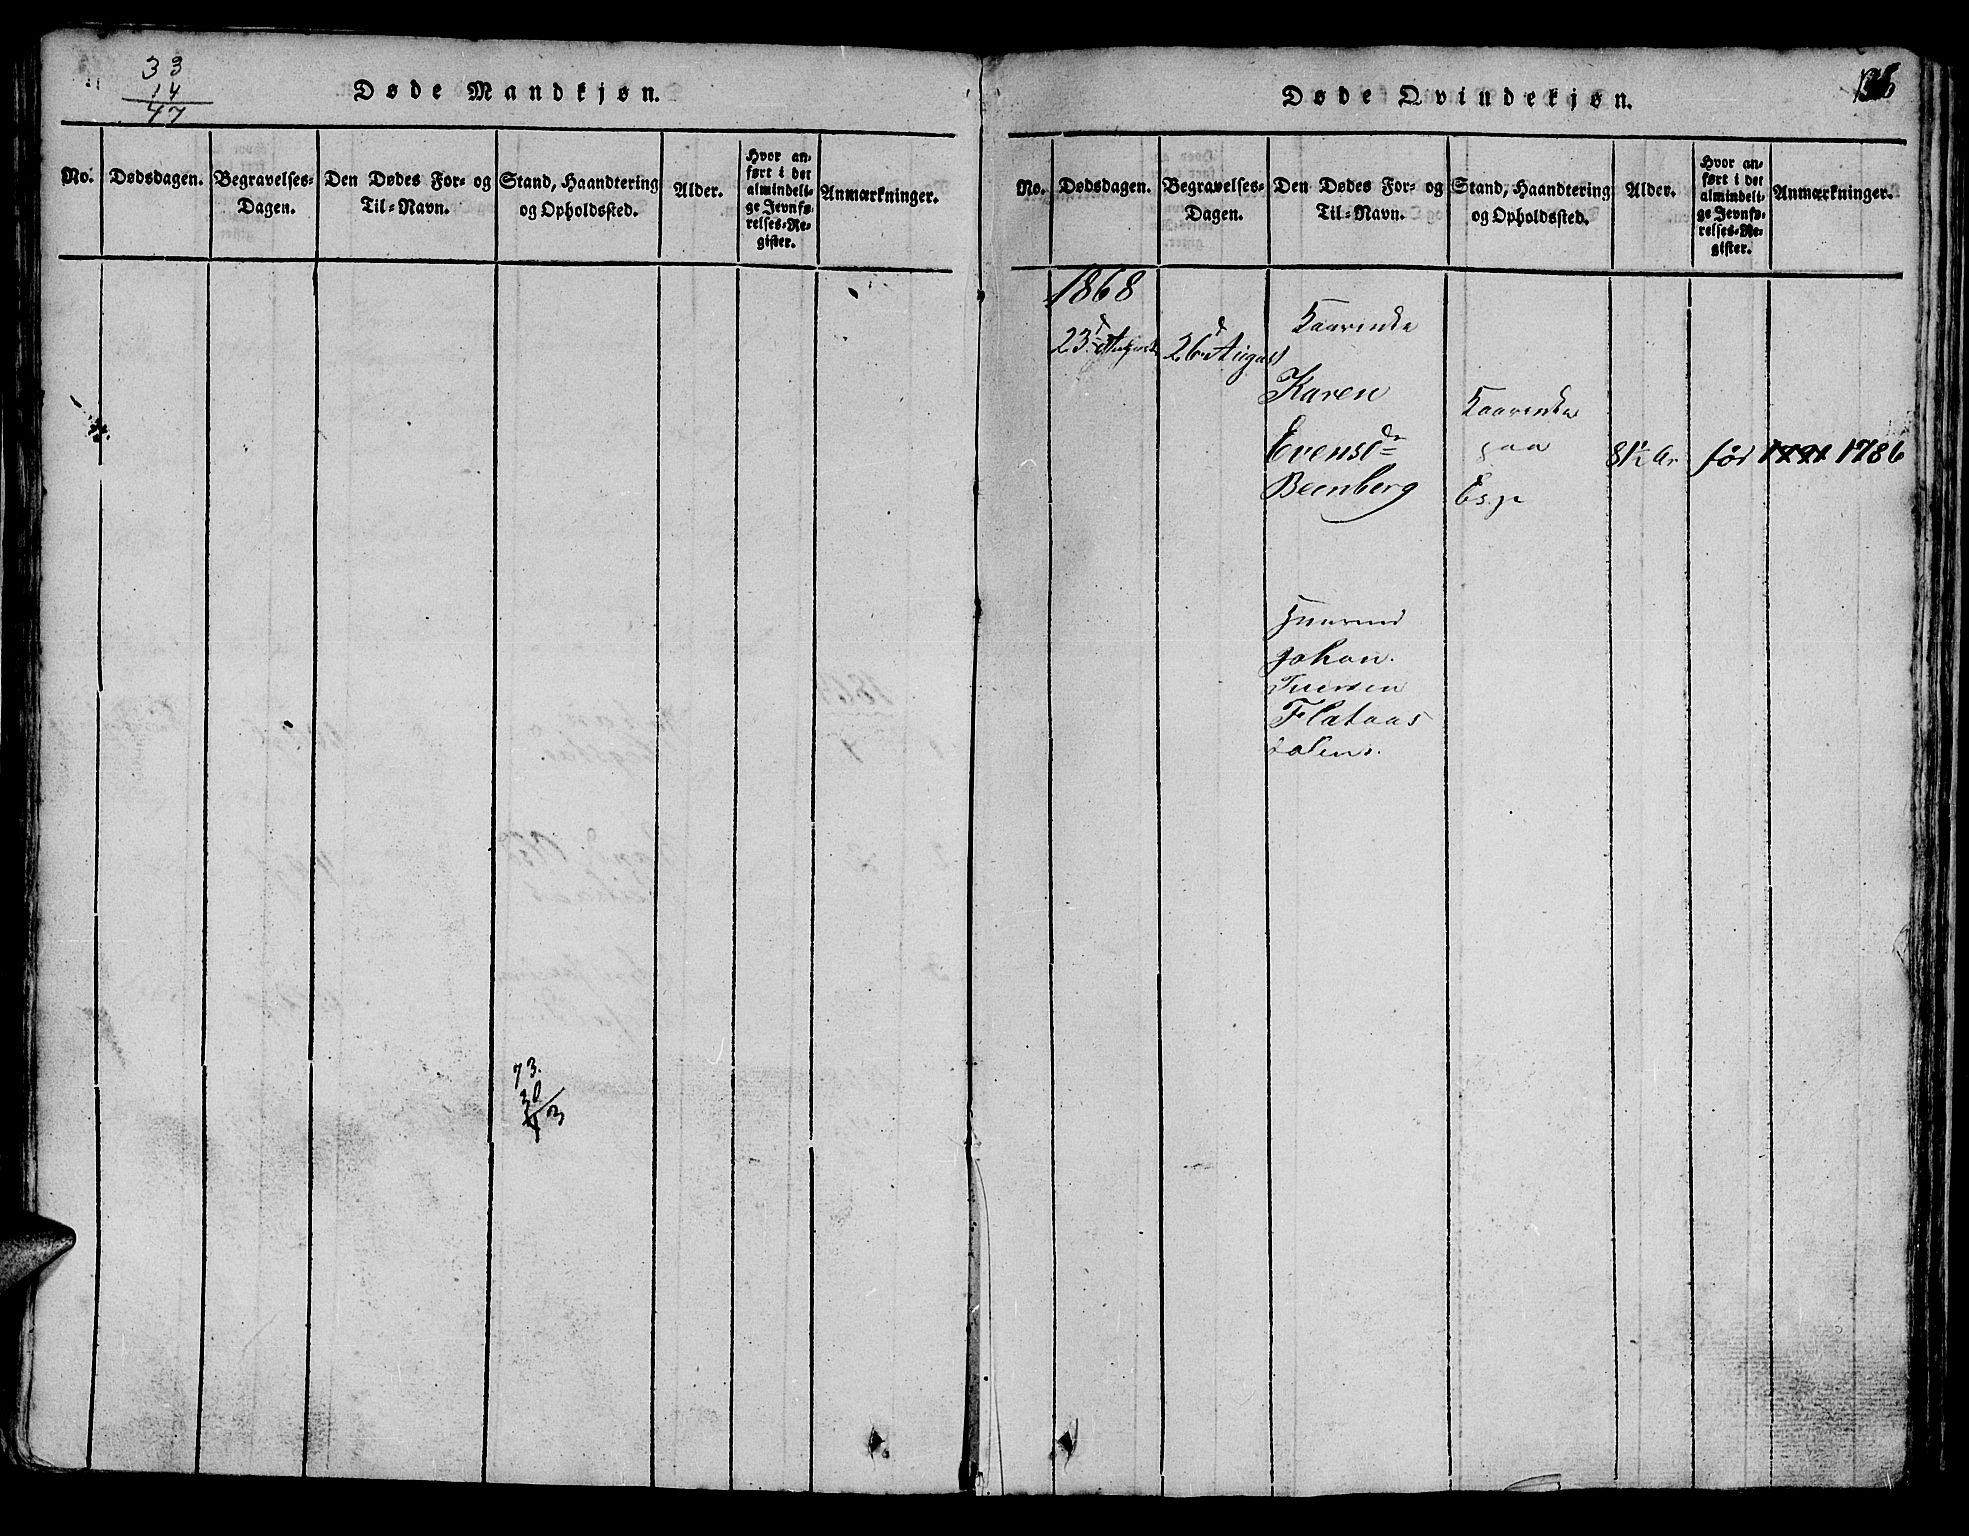 SAT, Ministerialprotokoller, klokkerbøker og fødselsregistre - Sør-Trøndelag, 613/L0393: Klokkerbok nr. 613C01, 1816-1886, s. 136